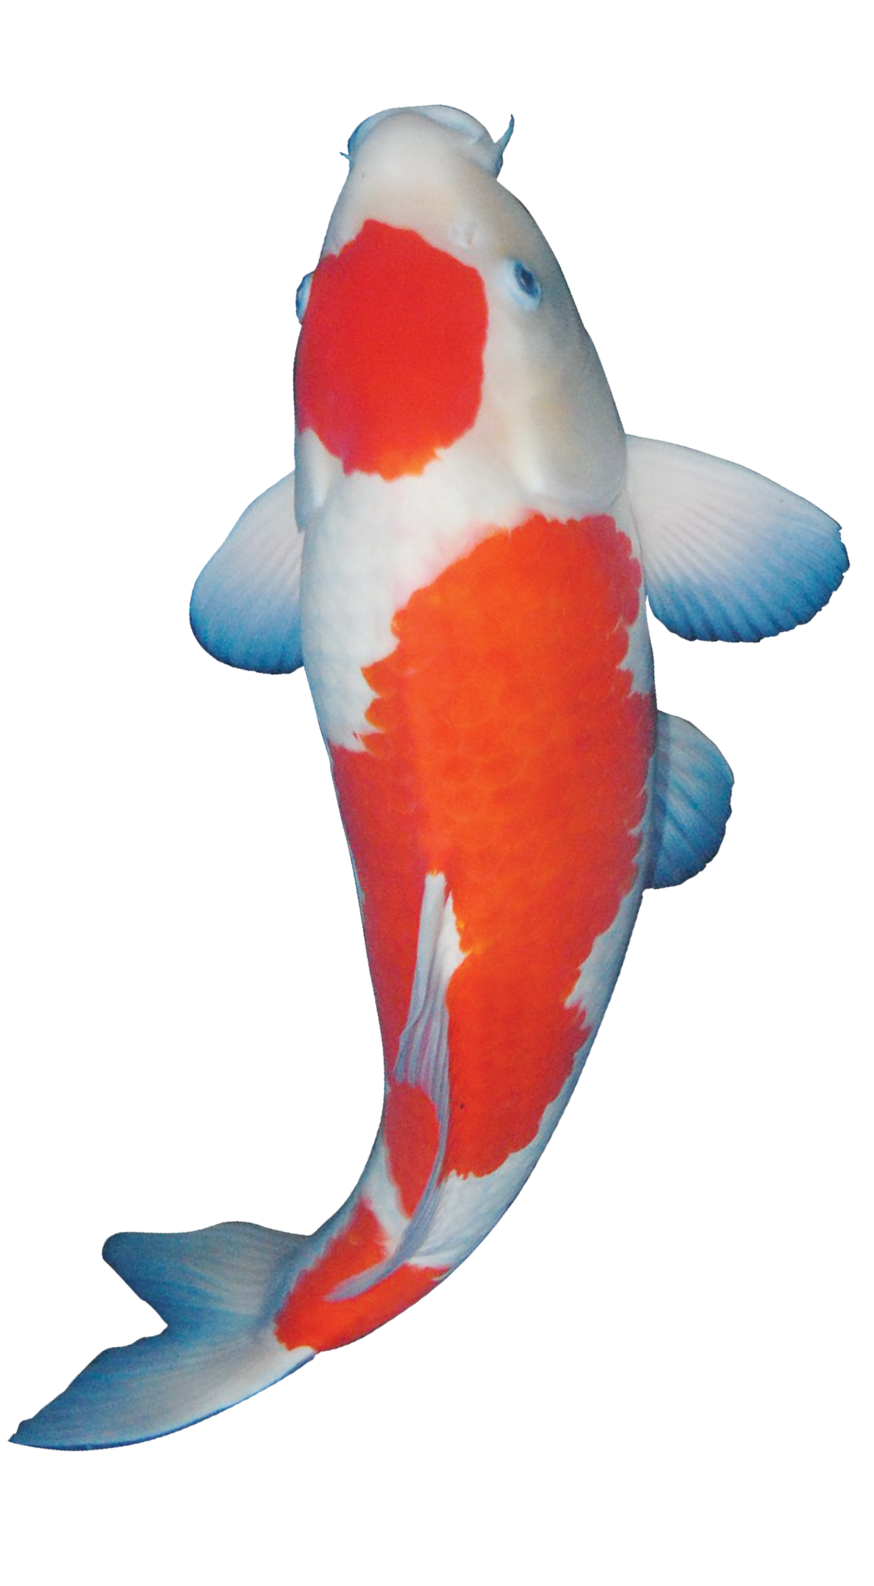 Ikan Hias Png : Gambar